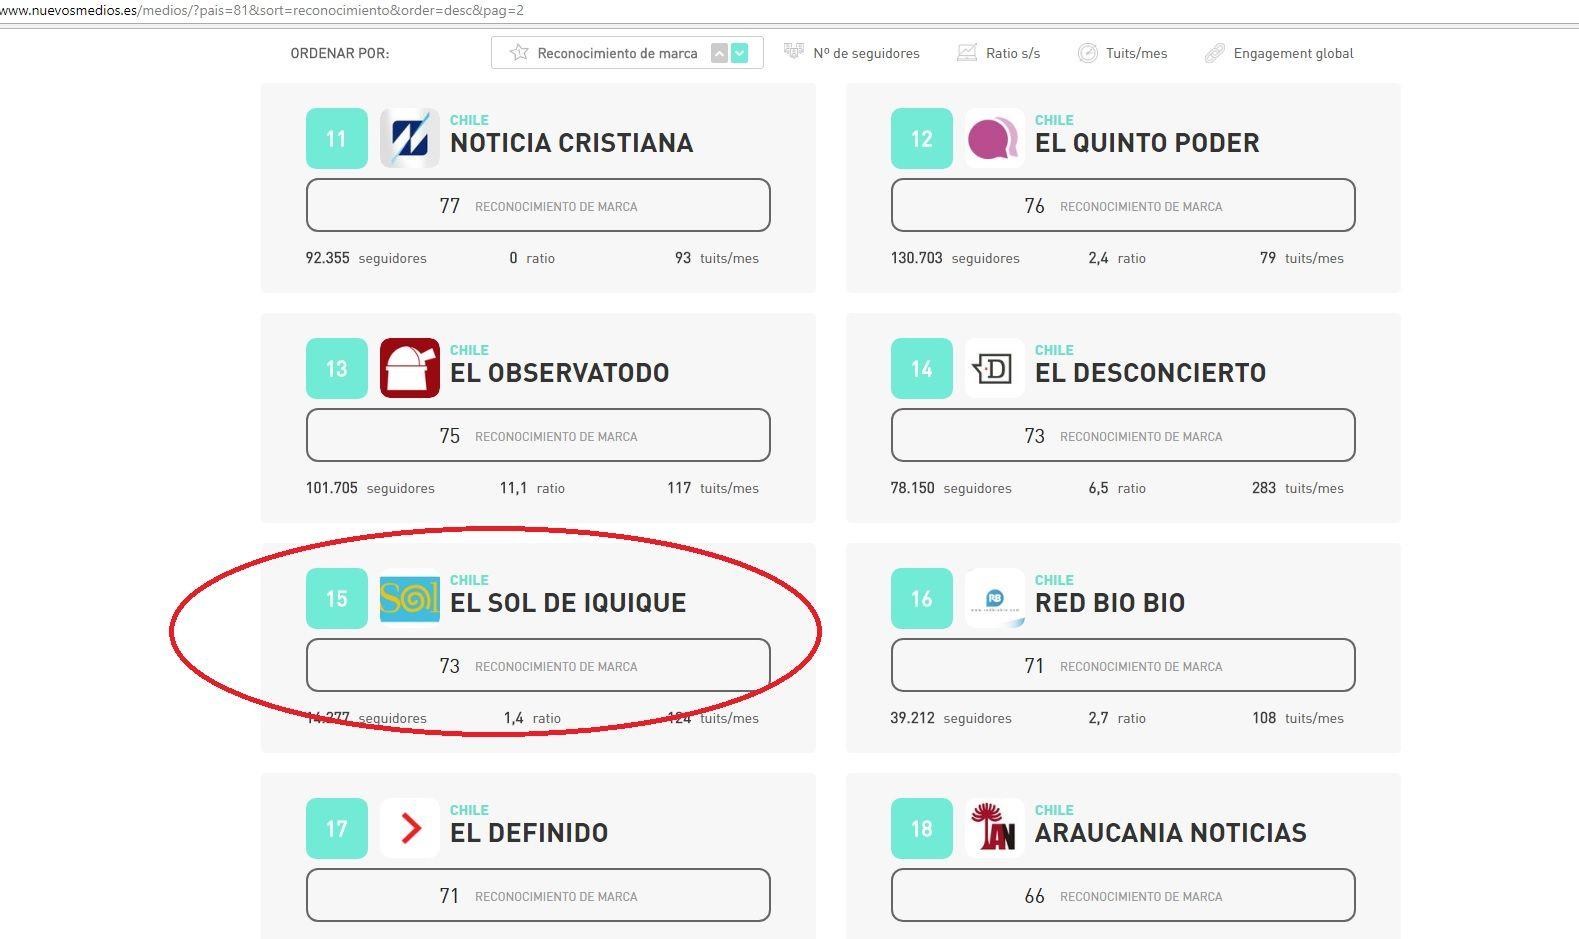 El Sol de Iquique en el lugar 15 de los portales emergentes de Chile